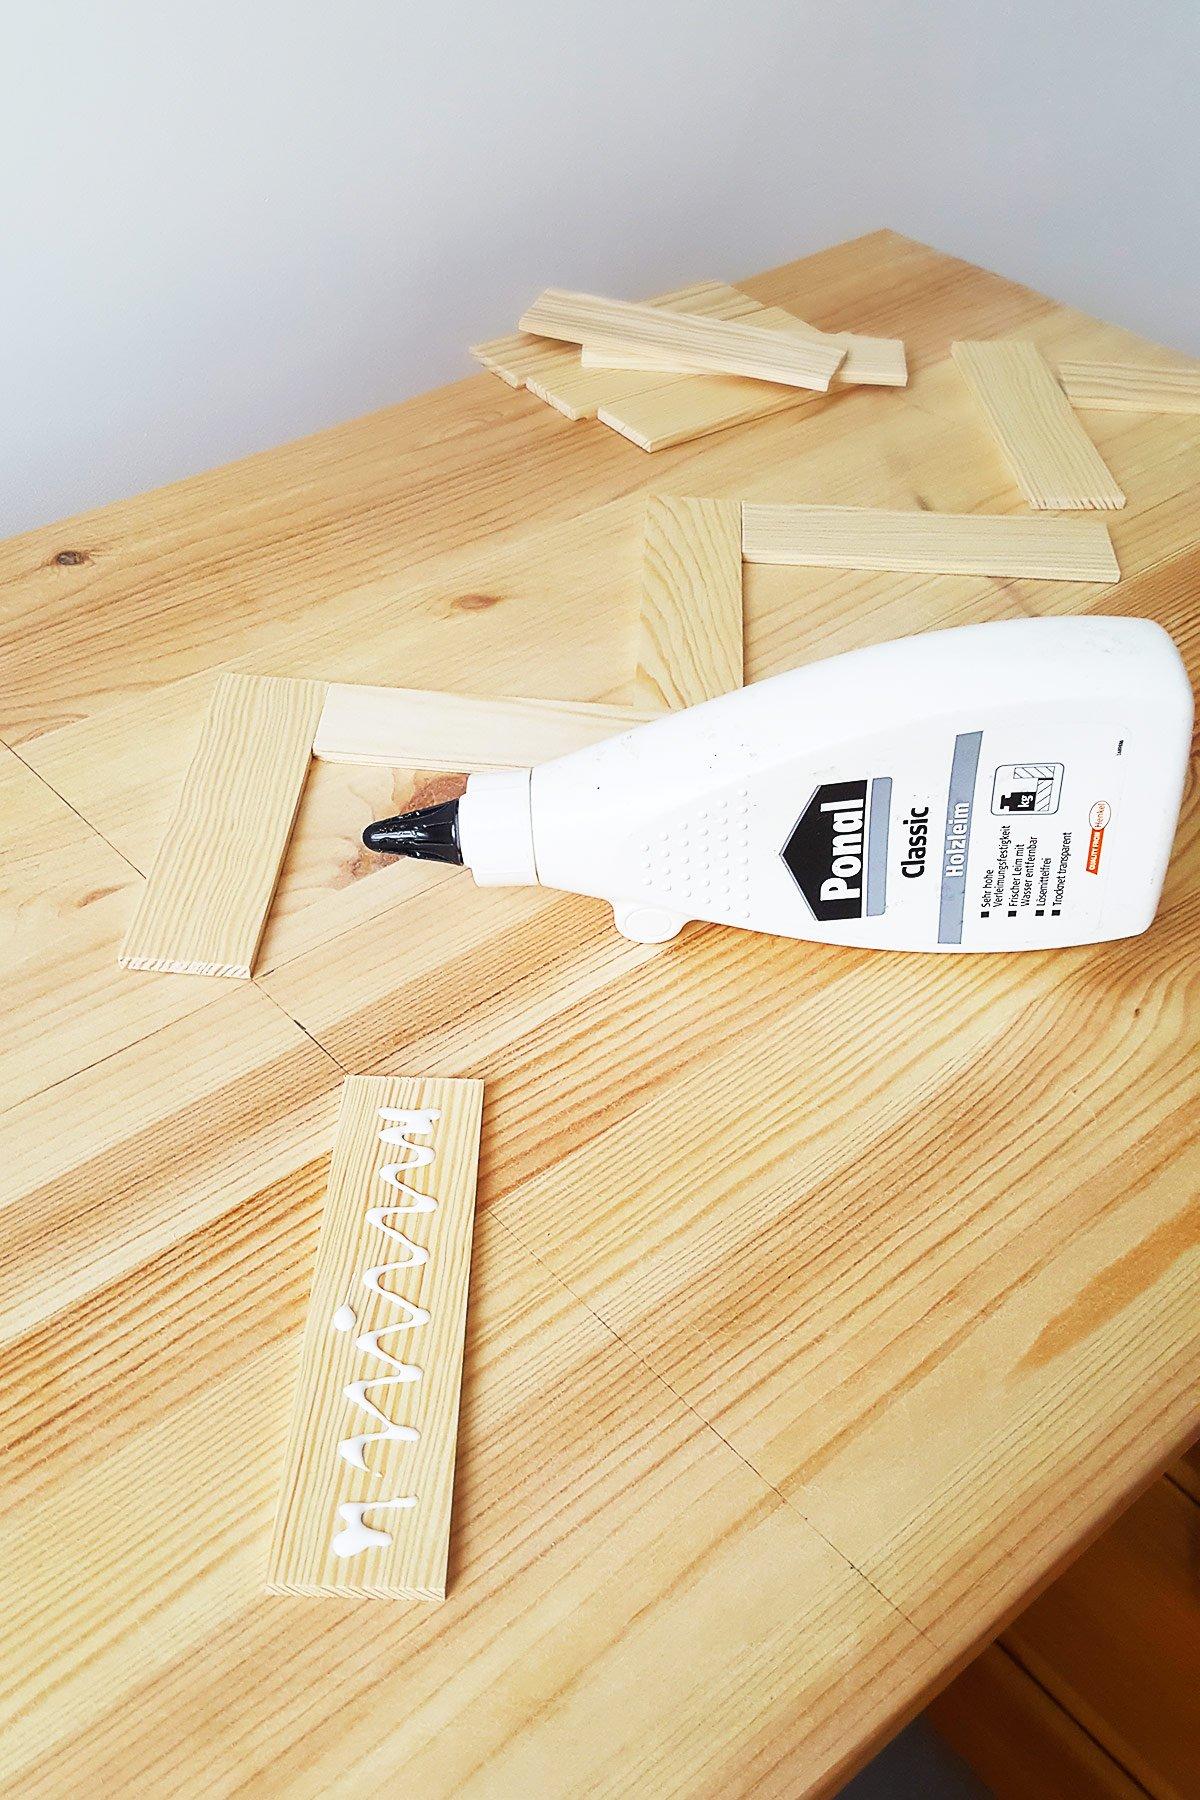 DIY Herringbone Desk - Filling | Little House On The CornerDIY Herringbone Desk | Little House On The Corner